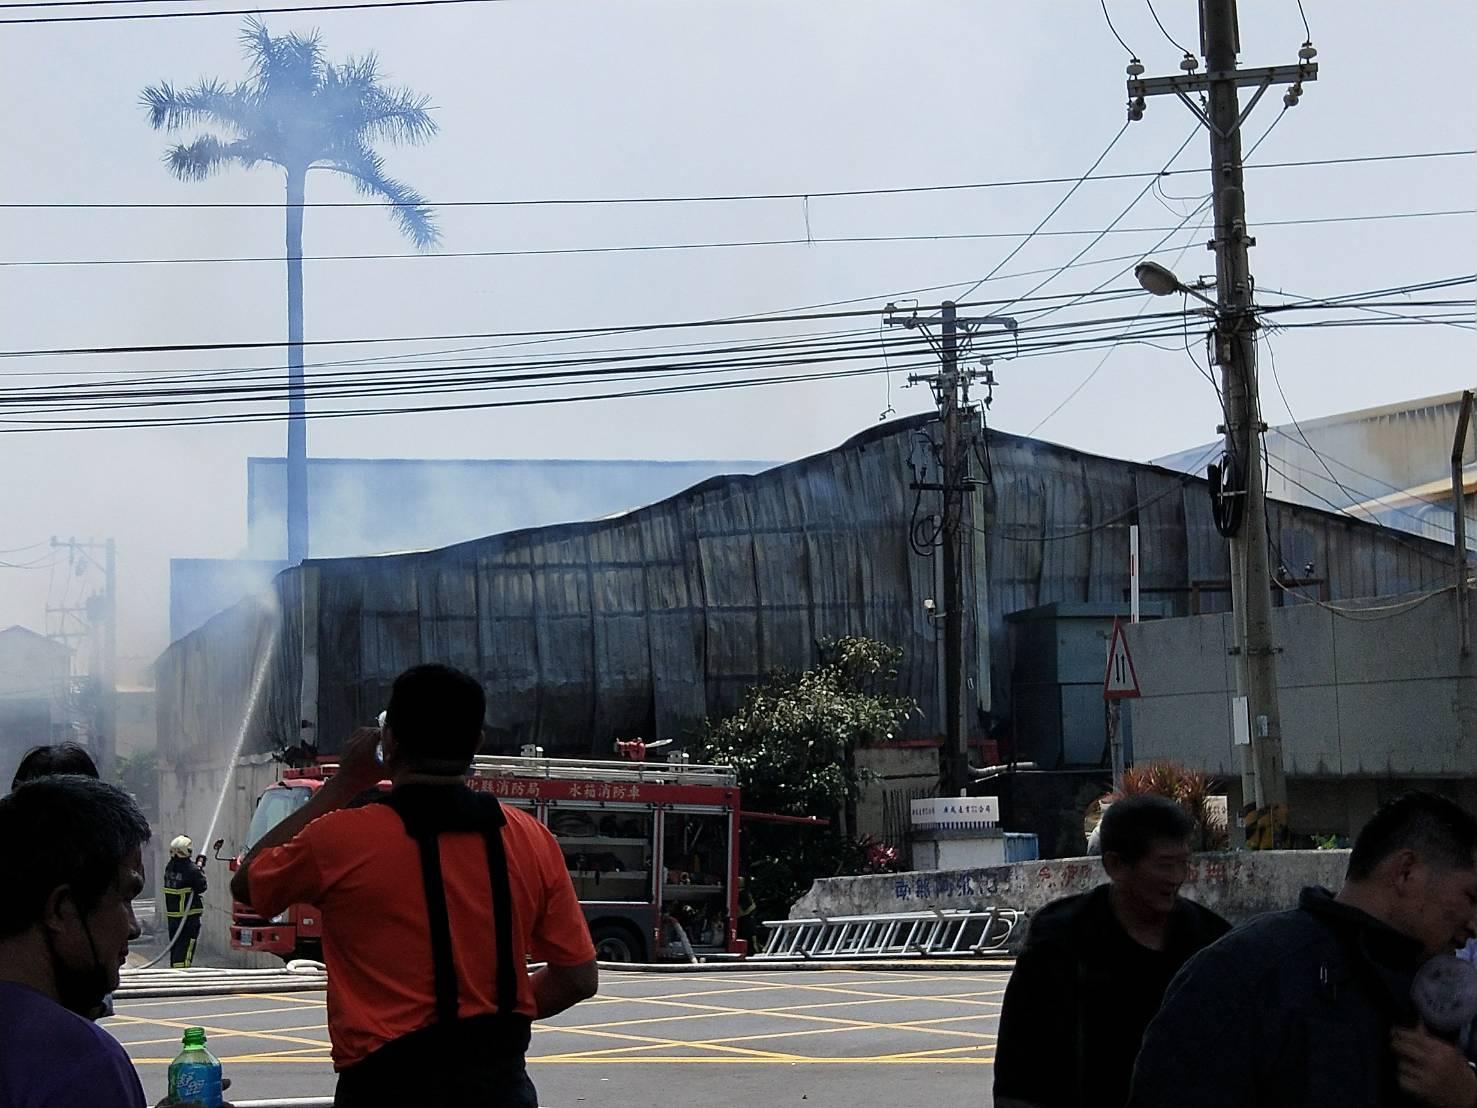 員林工廠火災,提醒影響區域民眾避免外出,在戶外應載口罩!